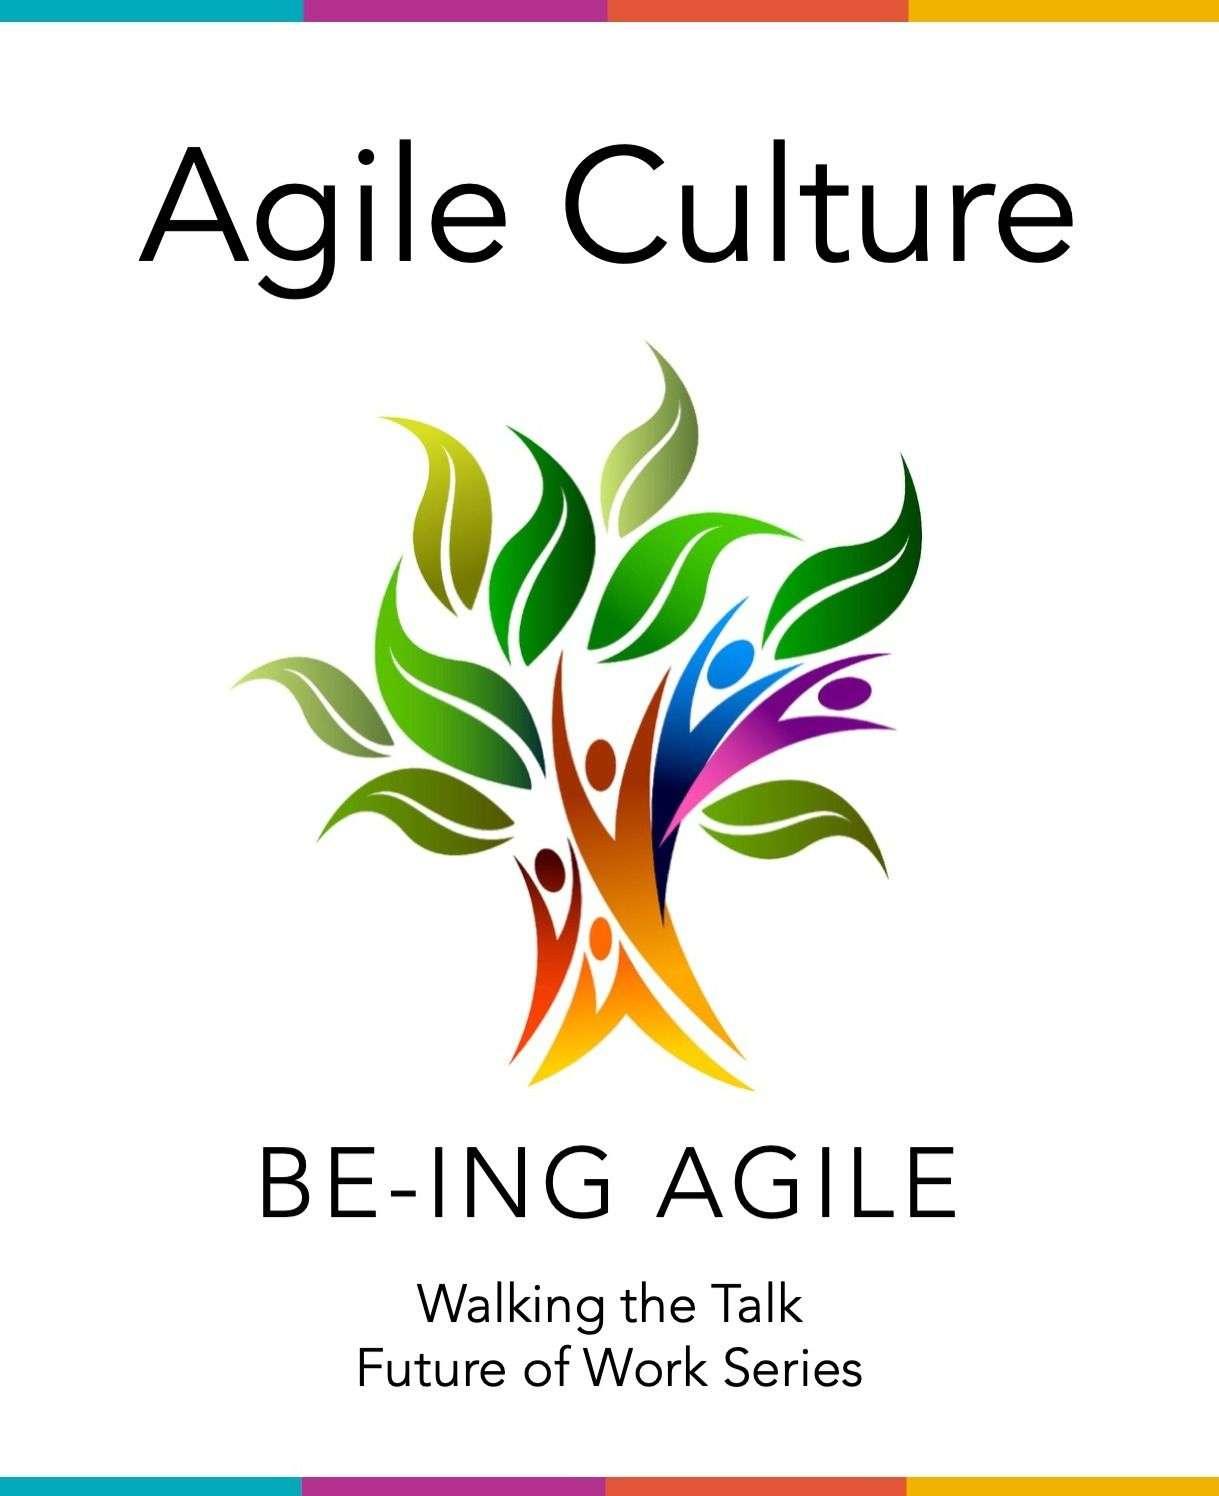 Agile Culture Report